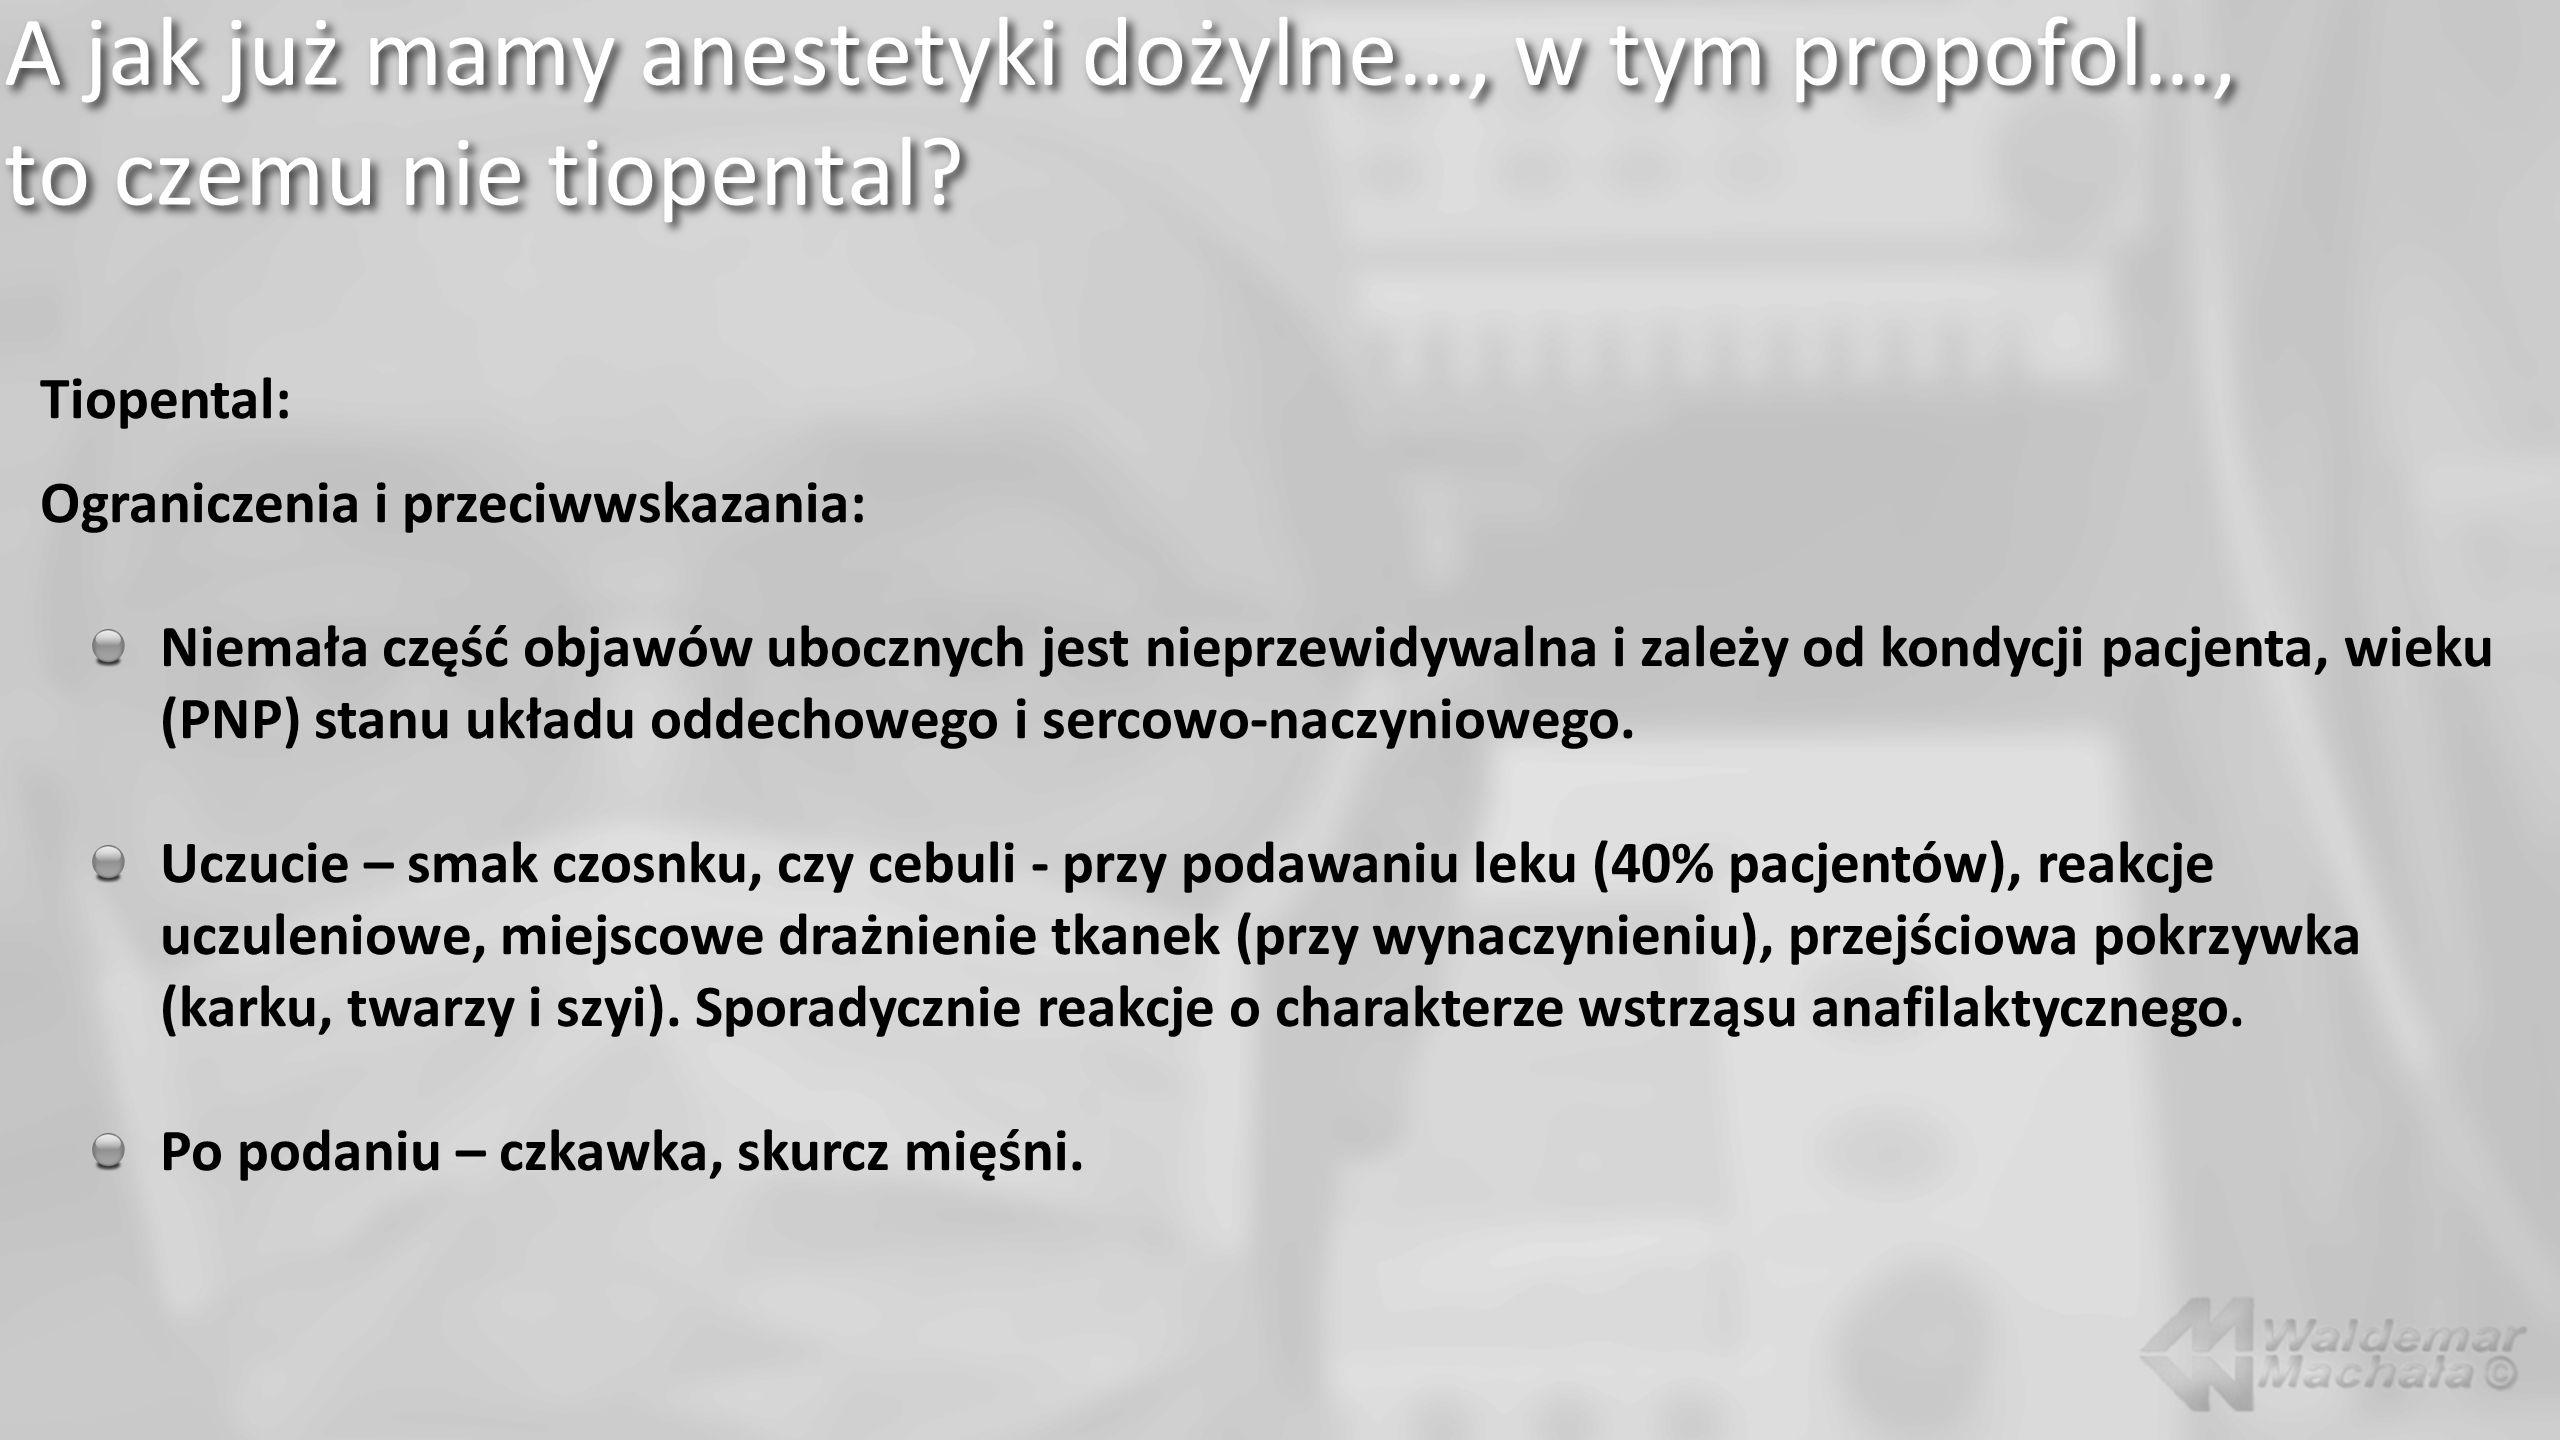 A jak już mamy anestetyki dożylne…, w tym propofol…, to czemu nie tiopental? Tiopental: Ograniczenia i przeciwwskazania: Niemała część objawów uboczny